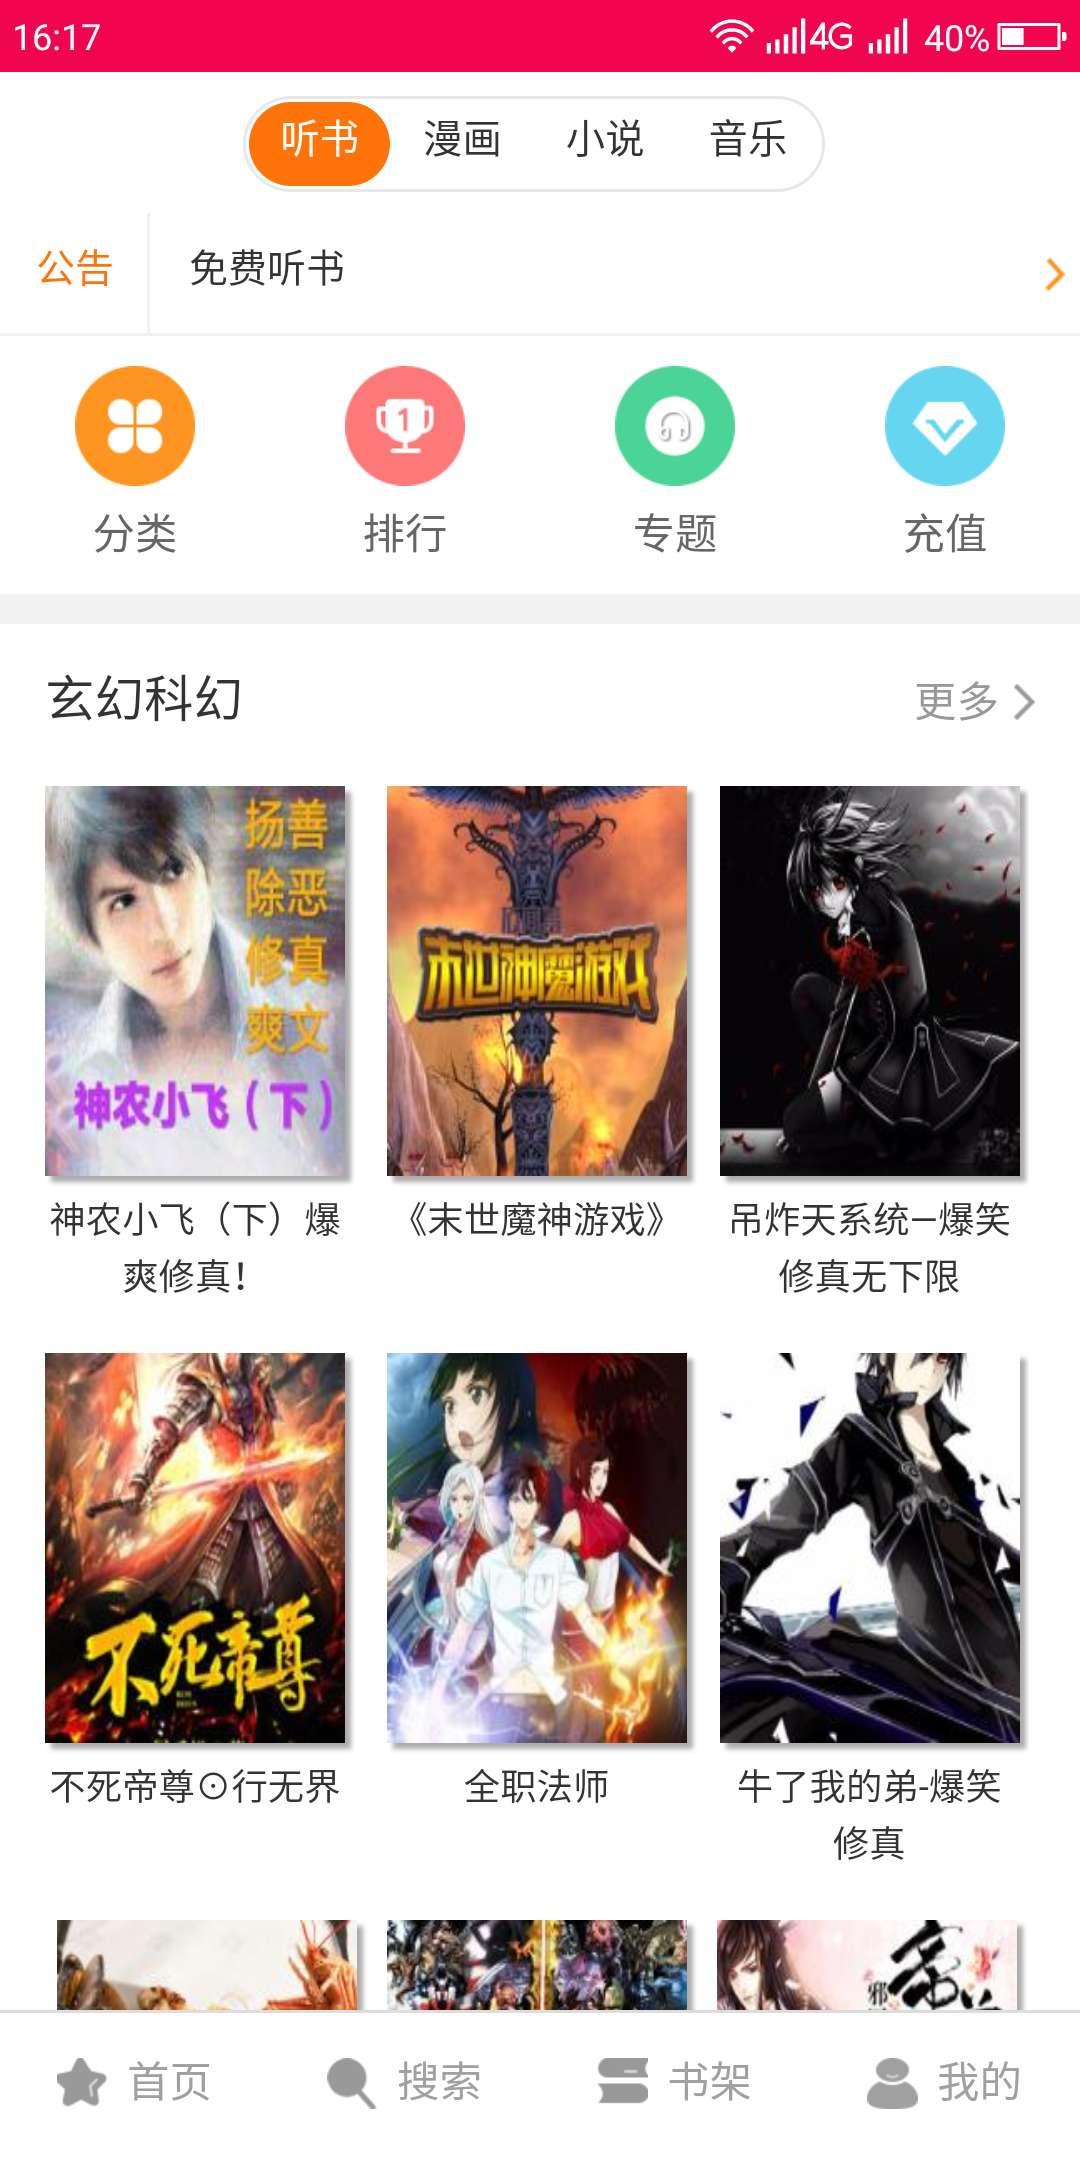 【分享】🔥听书 看漫画 看小说 听音乐 一体APP 功能强大-100tui.cn